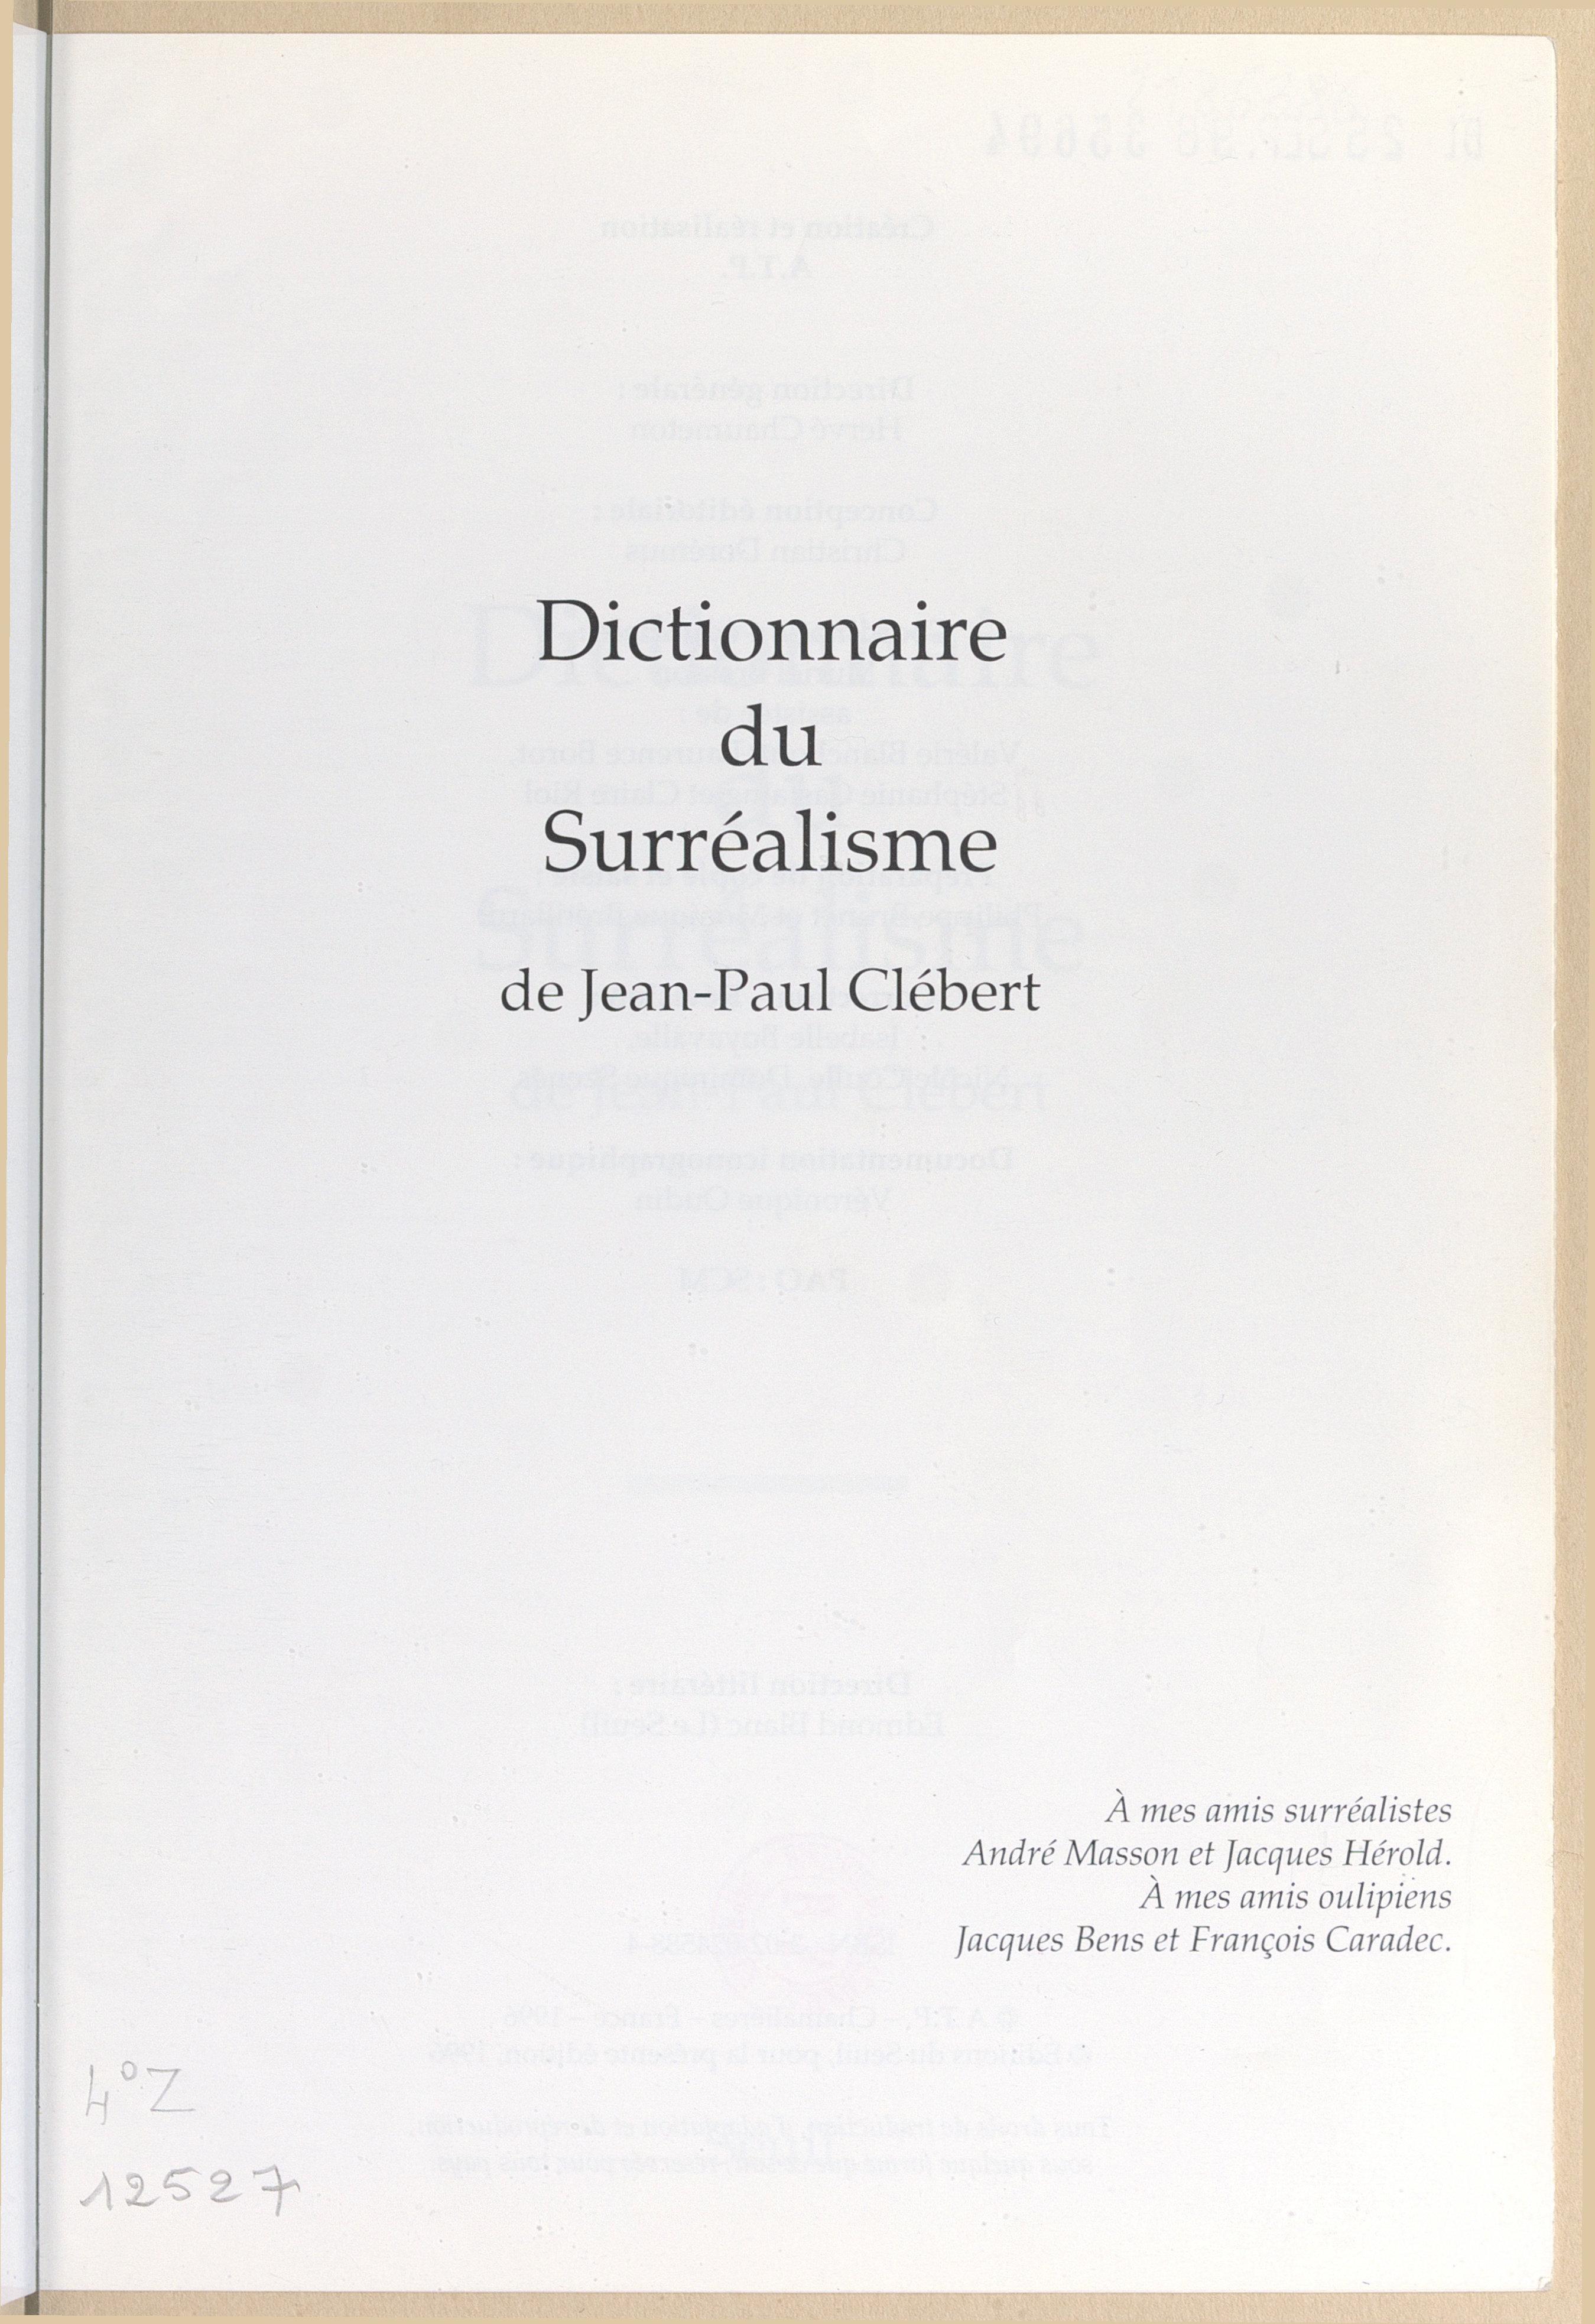 Dictionnaire du surréalisme